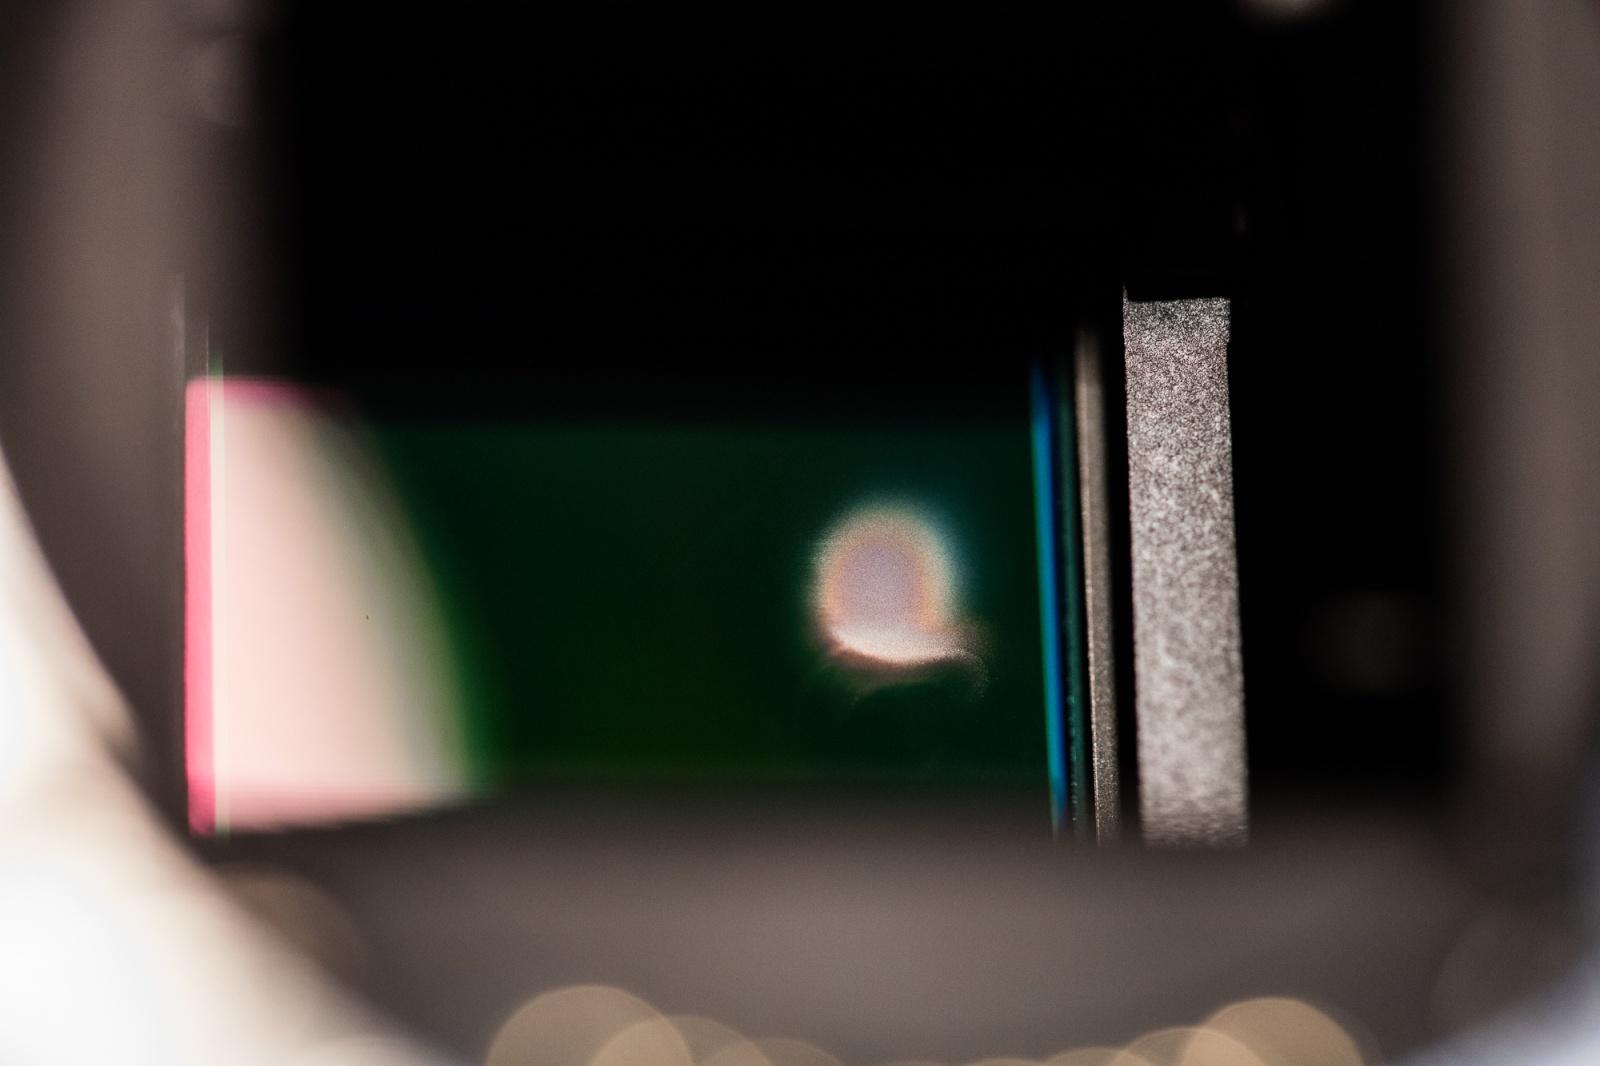 Прокатное фотографическое оборудование, повреждённое солнечным затмением - 4